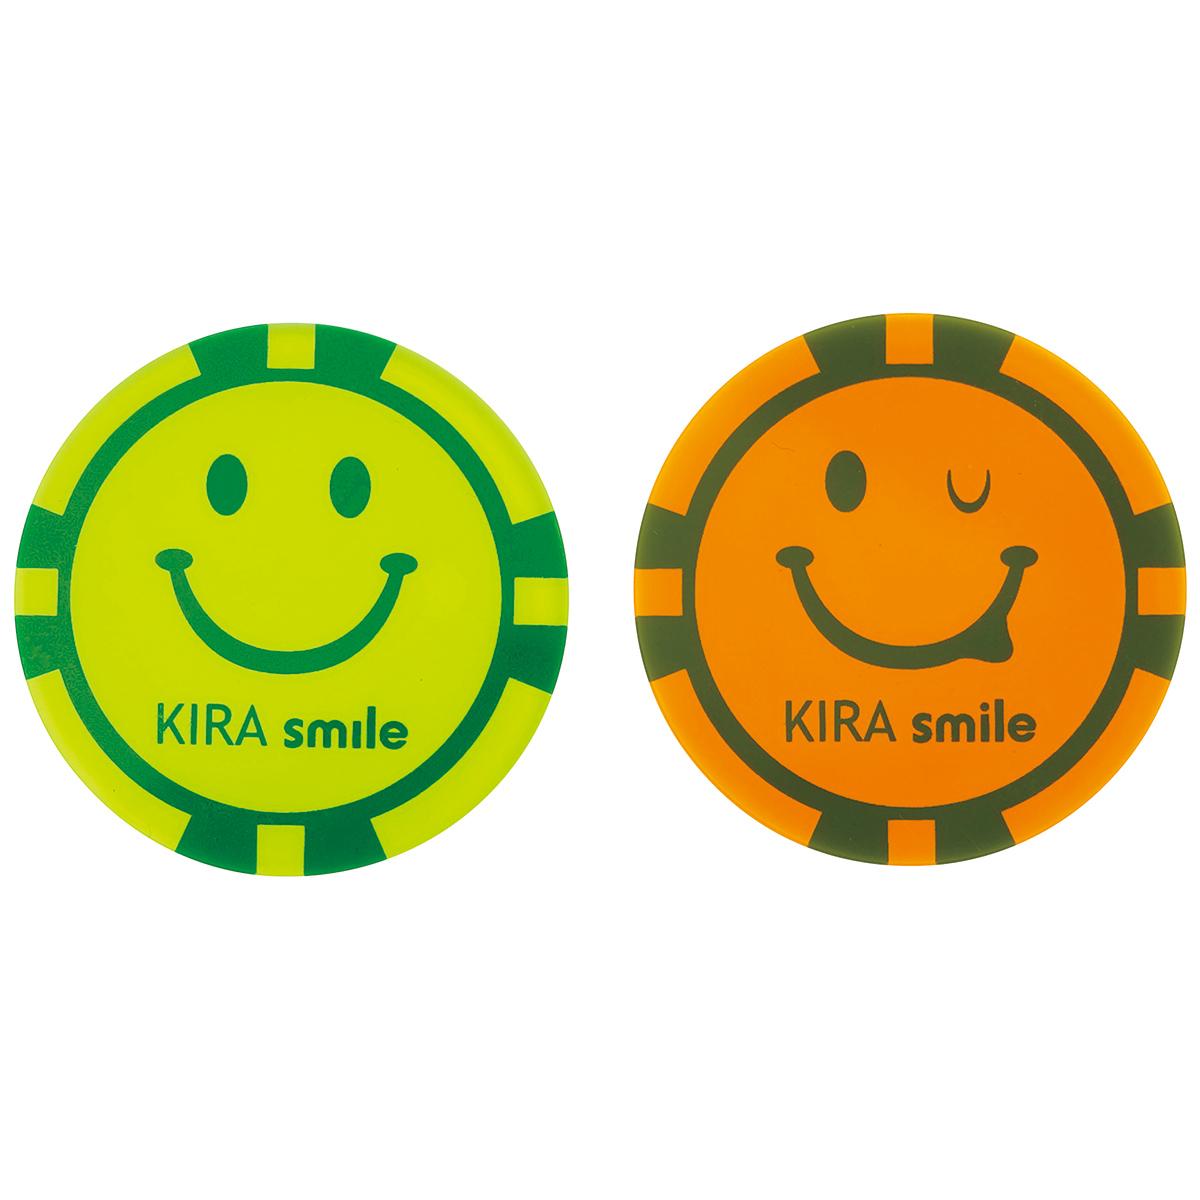 KIRA Smile 集光性アクリルコインマーカー 2個セット